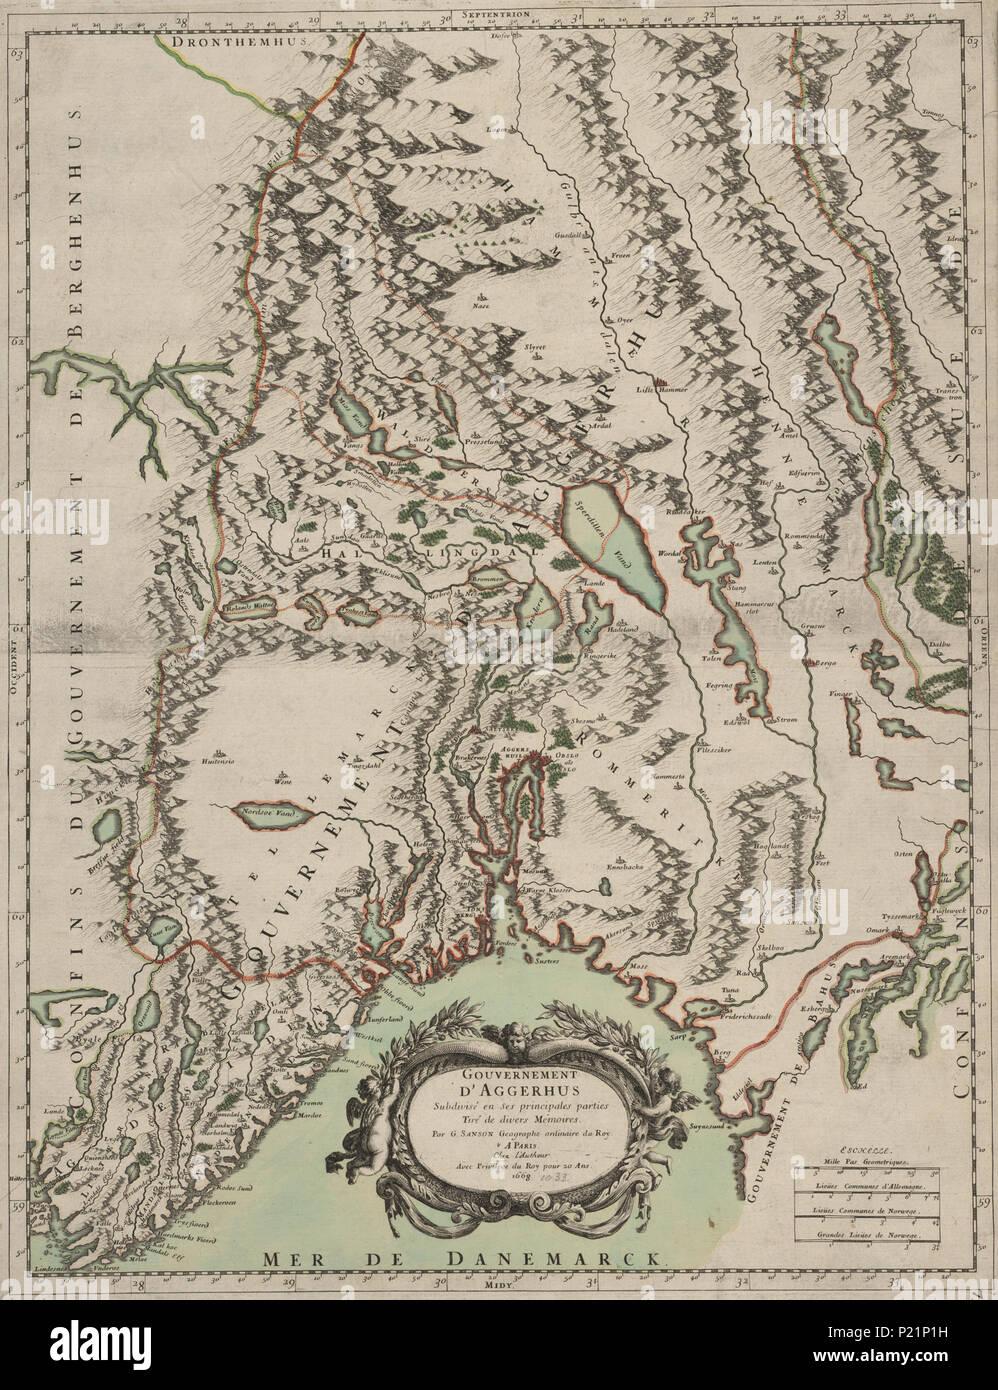 Norsk Bokmal Kart Fra Nasjonalbibliotekets Kartsamling Kartet Er